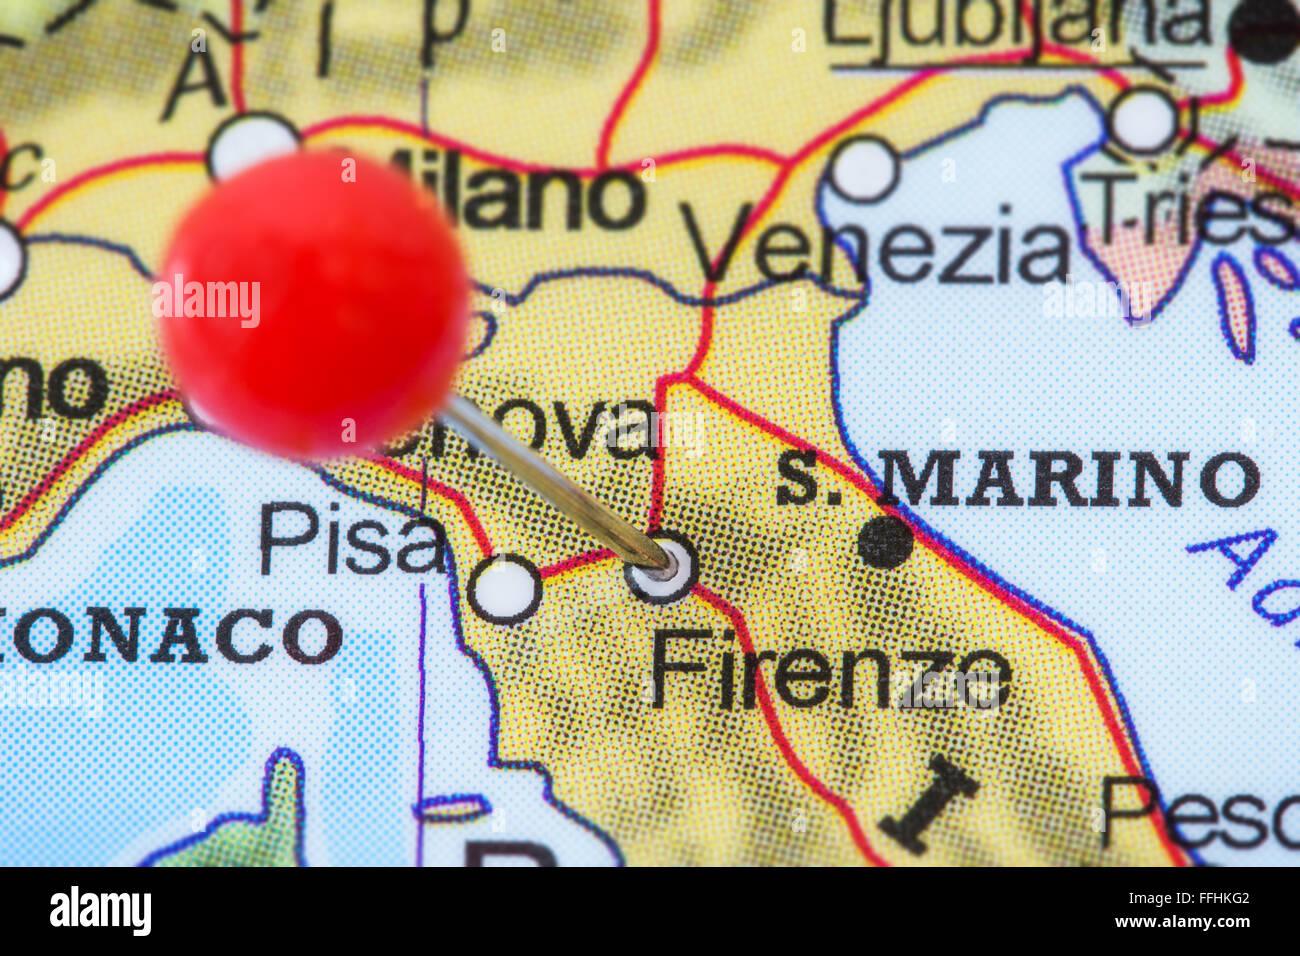 Firenze Italie Carte.Close Up D Une Punaise Rouge Sur Une Carte De Firenze